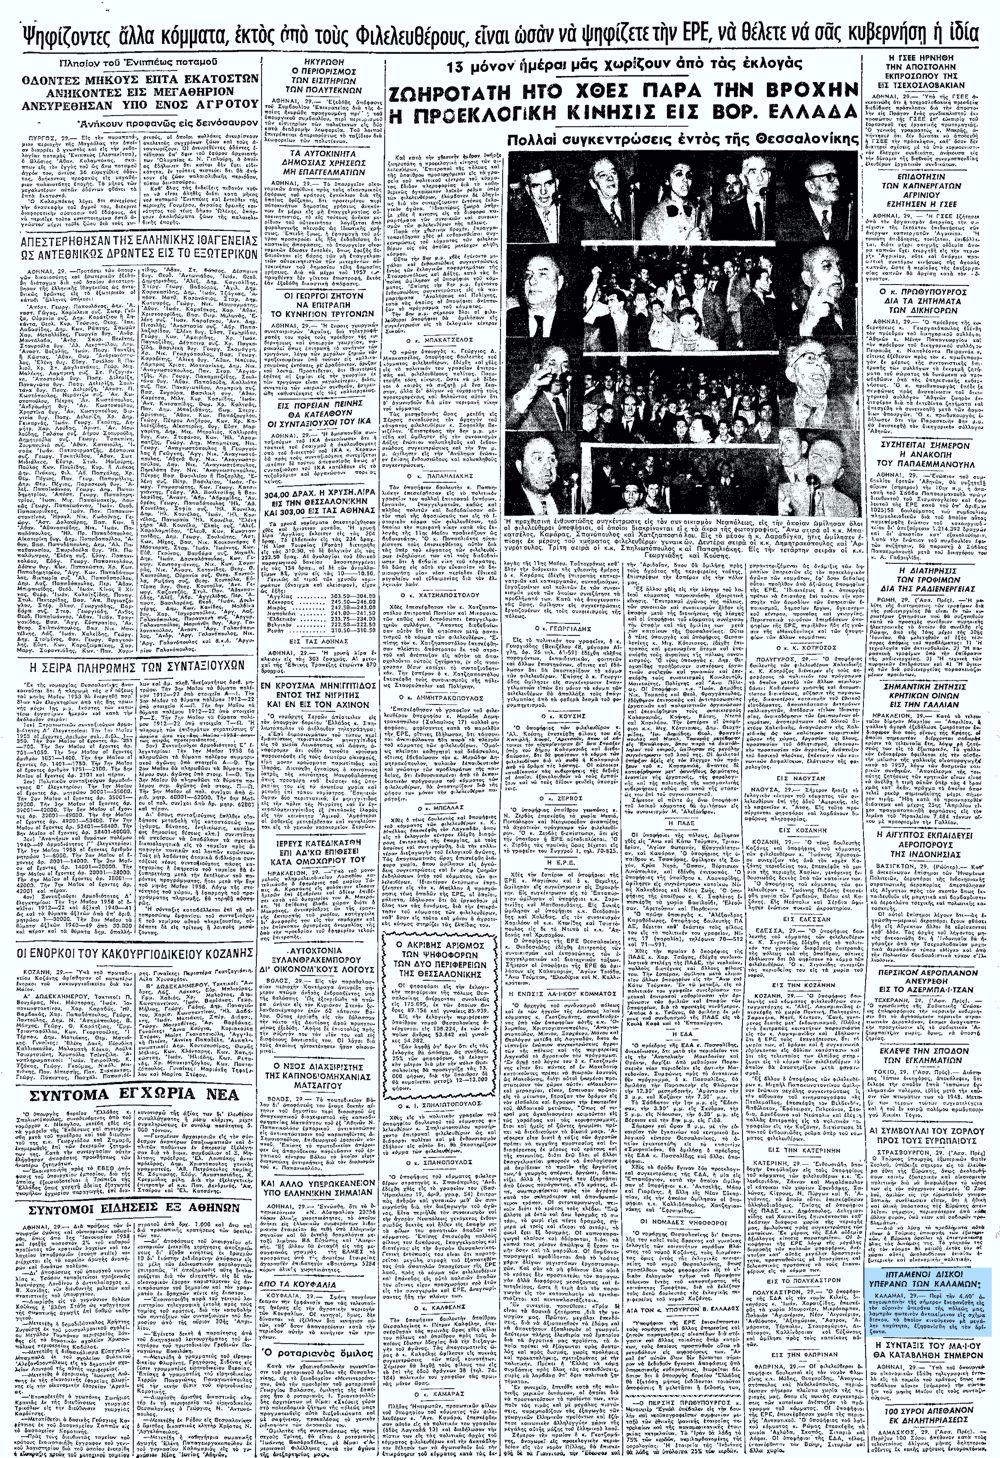 """Το άρθρο, όπως δημοσιεύθηκε στην εφημερίδα """"ΜΑΚΕΔΟΝΙΑ"""", στις 30/04/1958"""